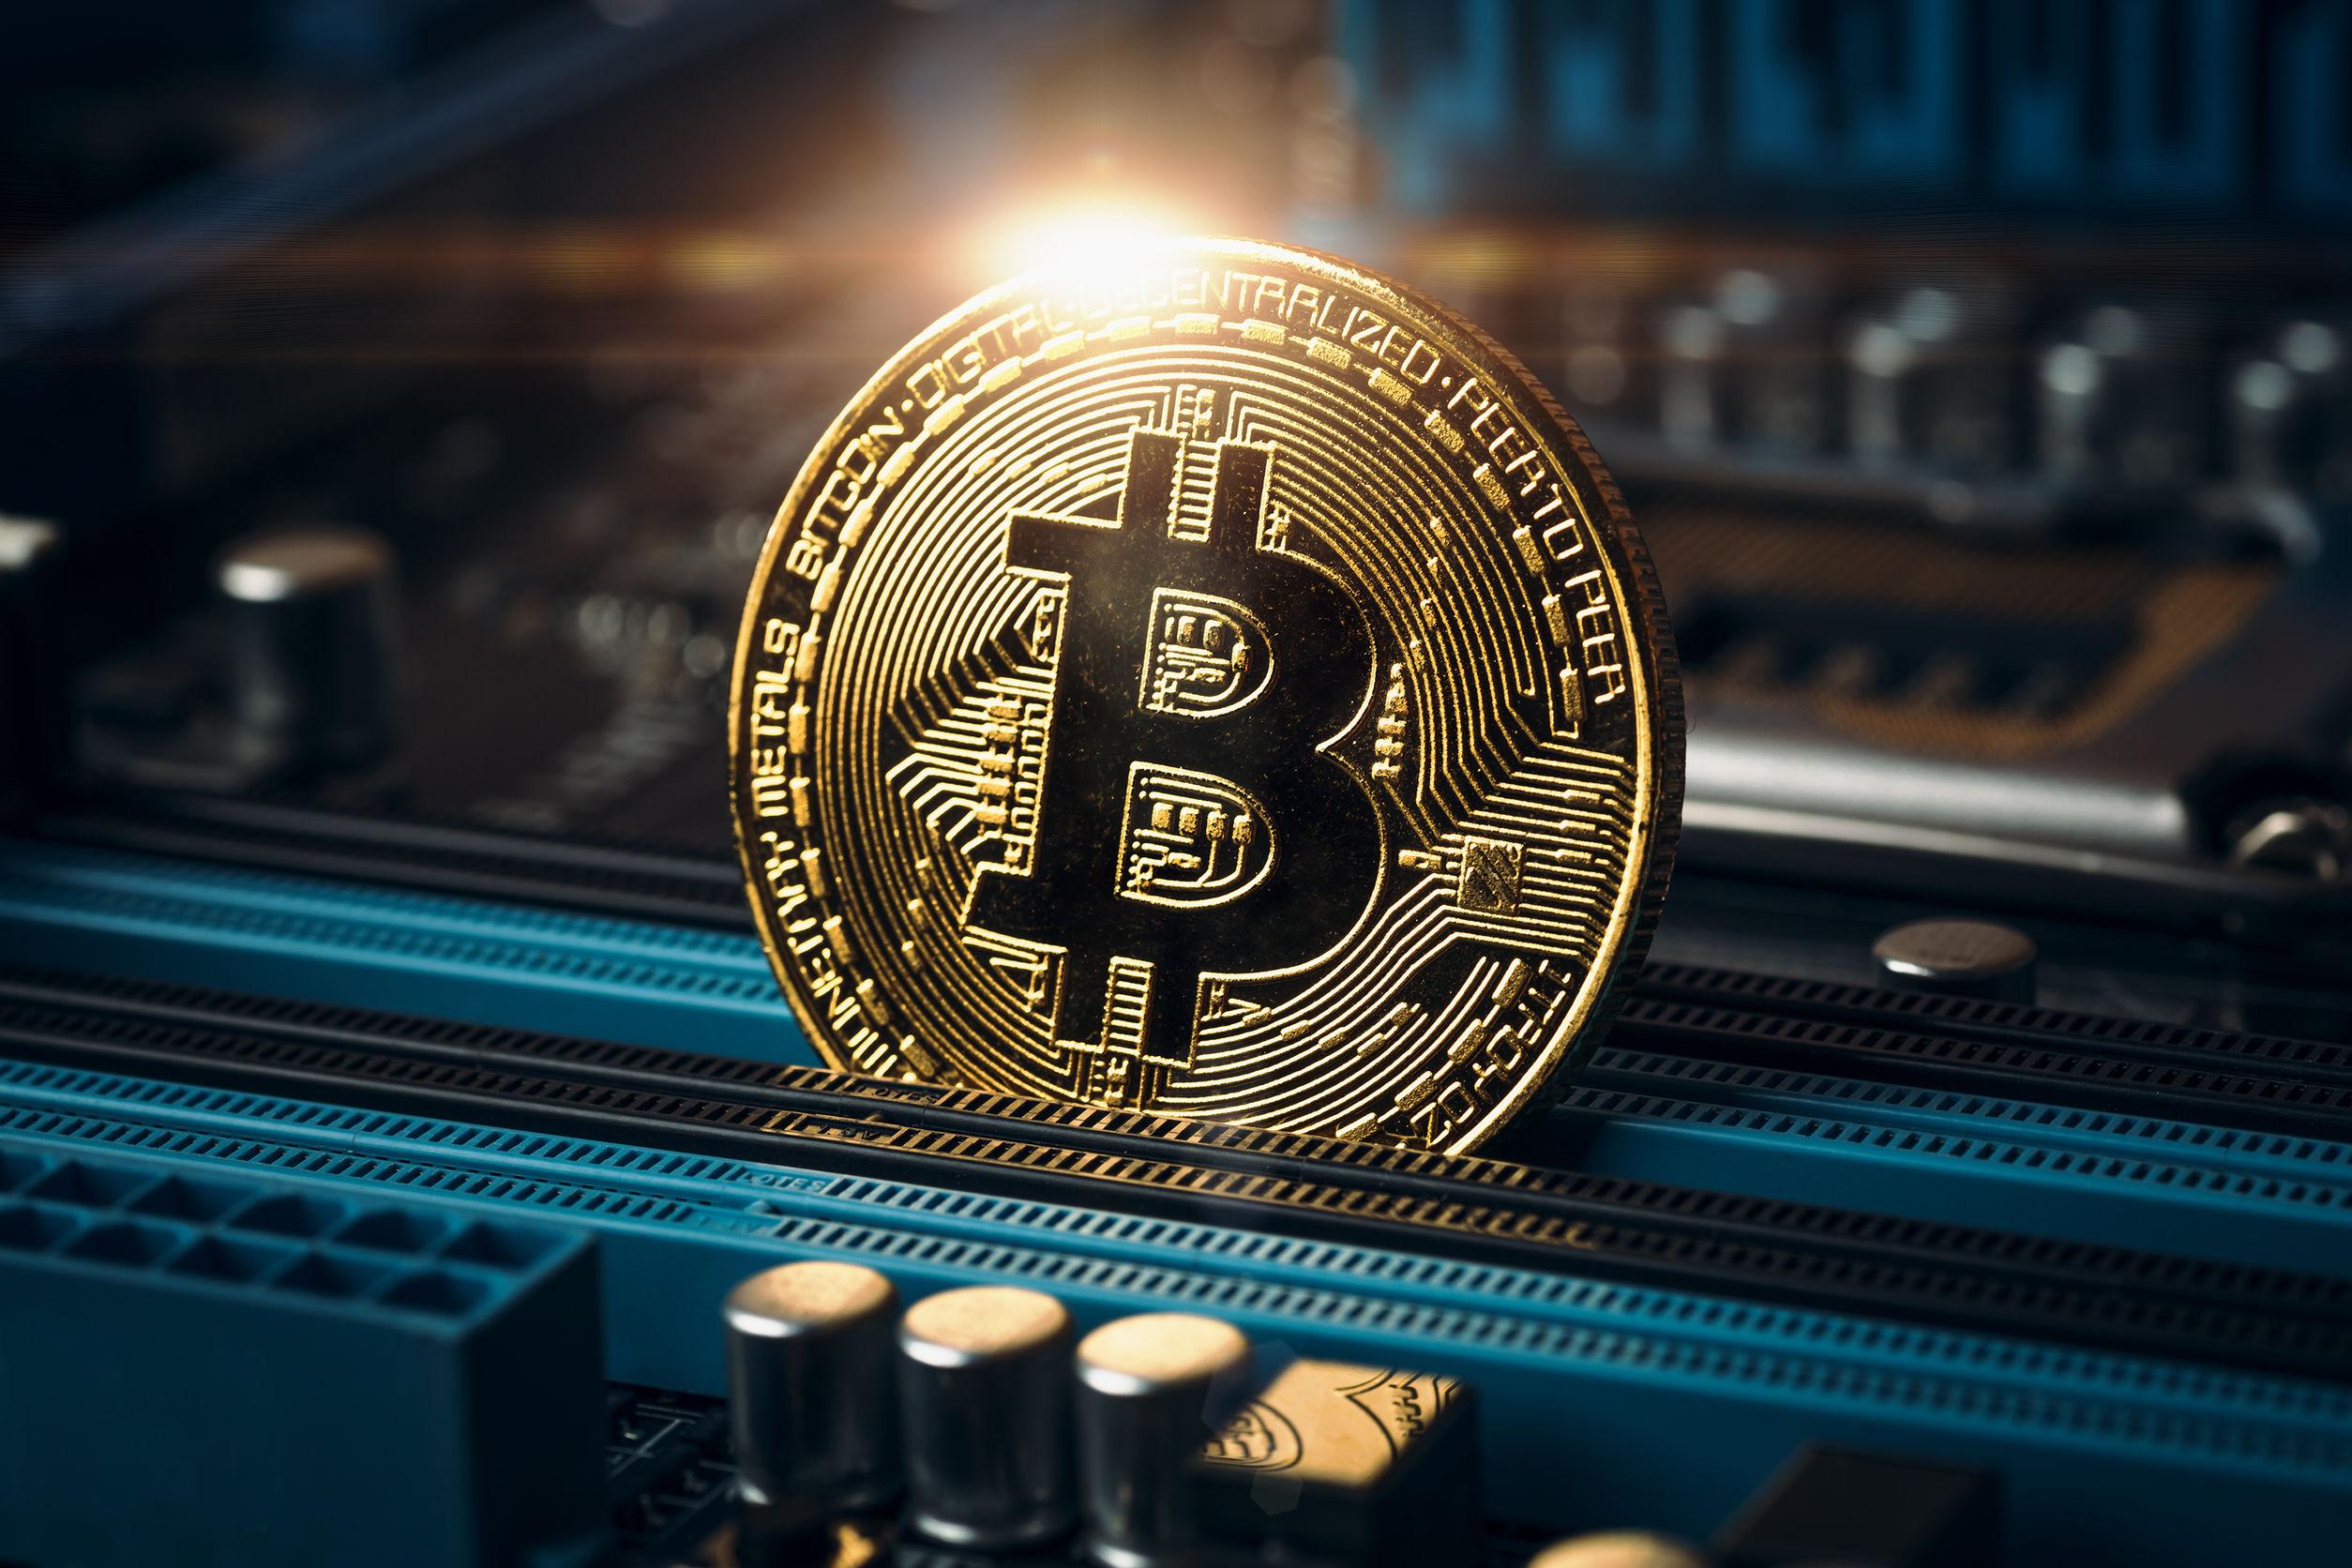 Evento intercontinentale Bitcoin Videomnia